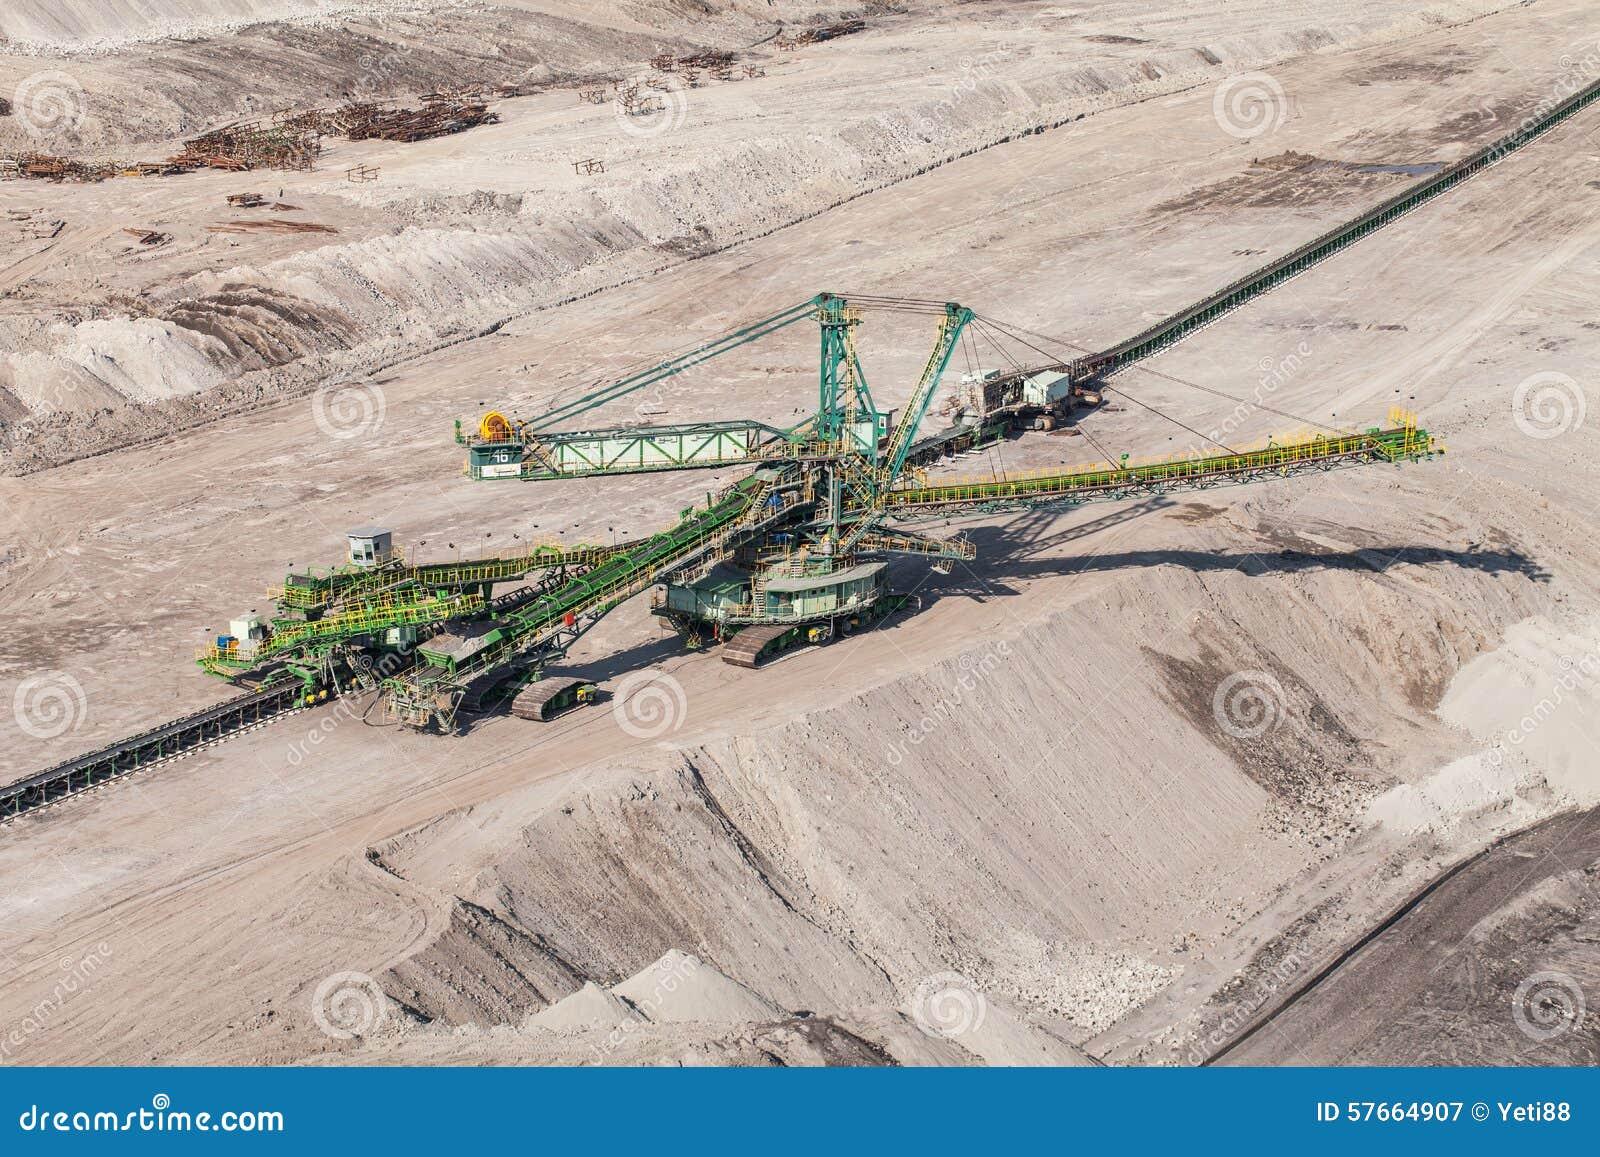 Vista aerea della miniera di carbone